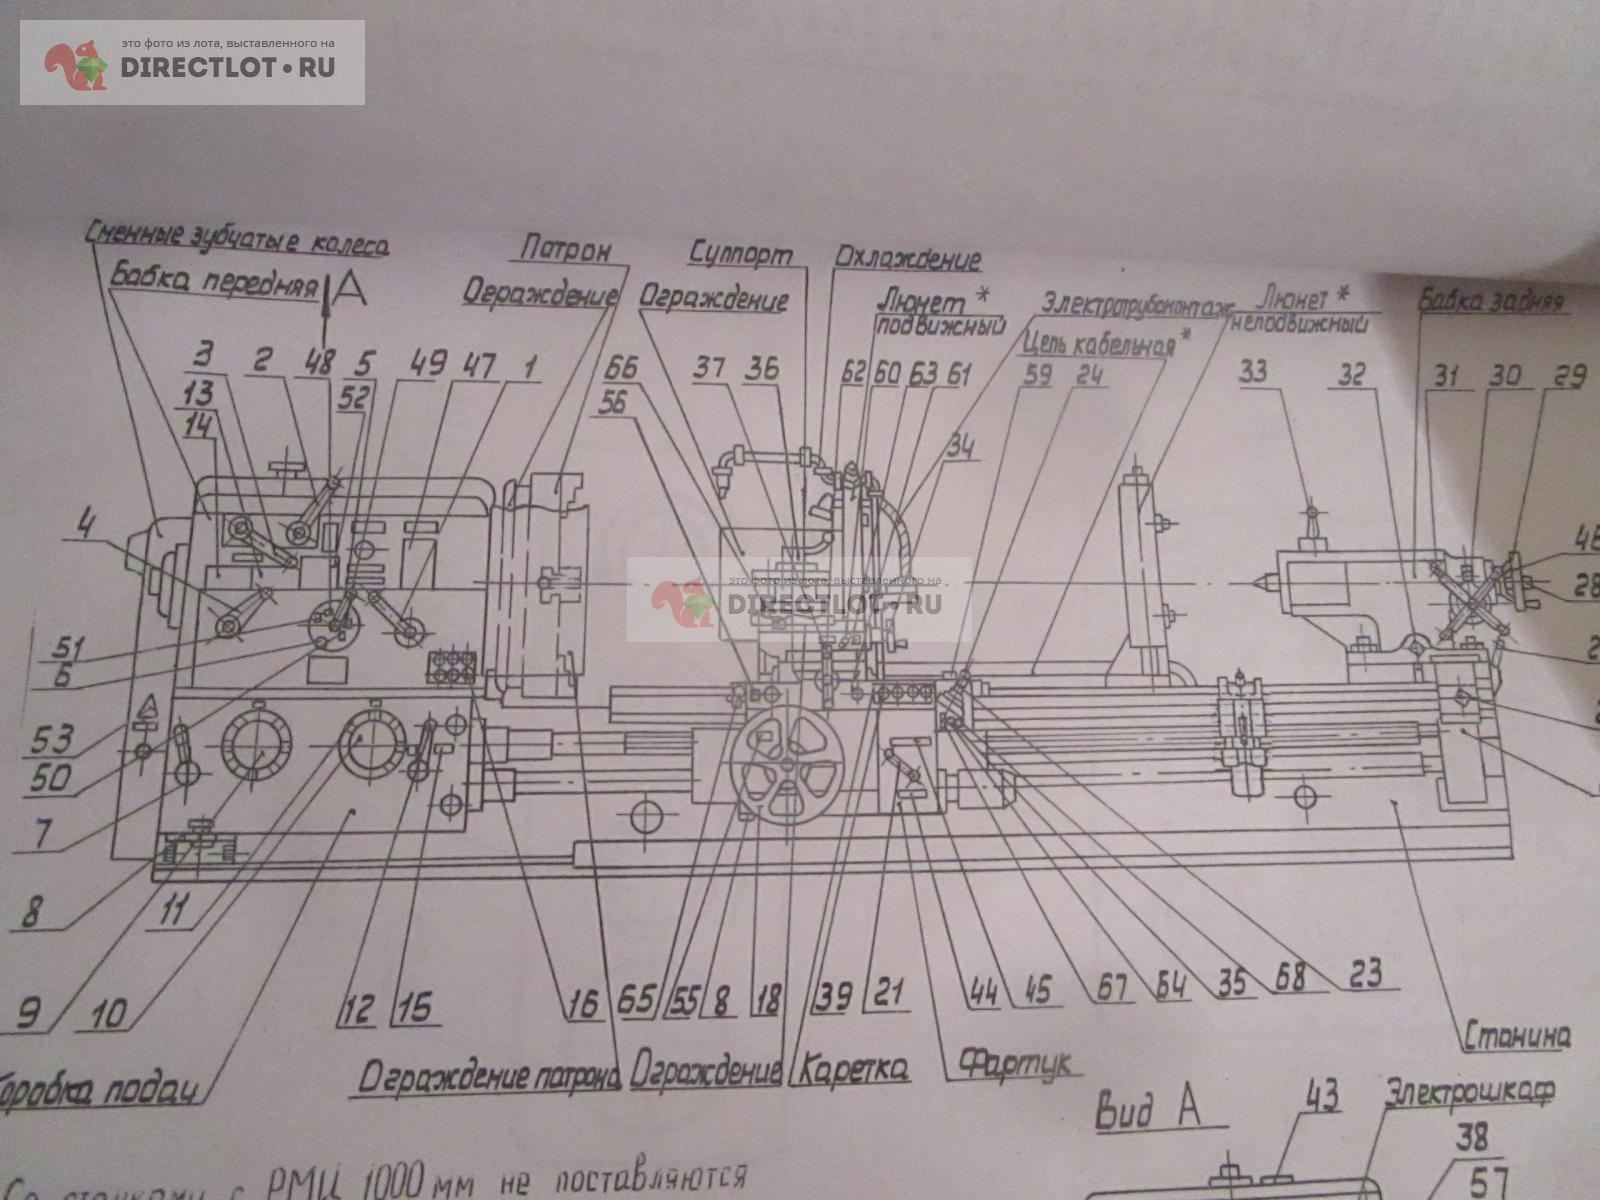 1м63. токарно-винторезный станок. паспорт, характеристики, схема, руководство